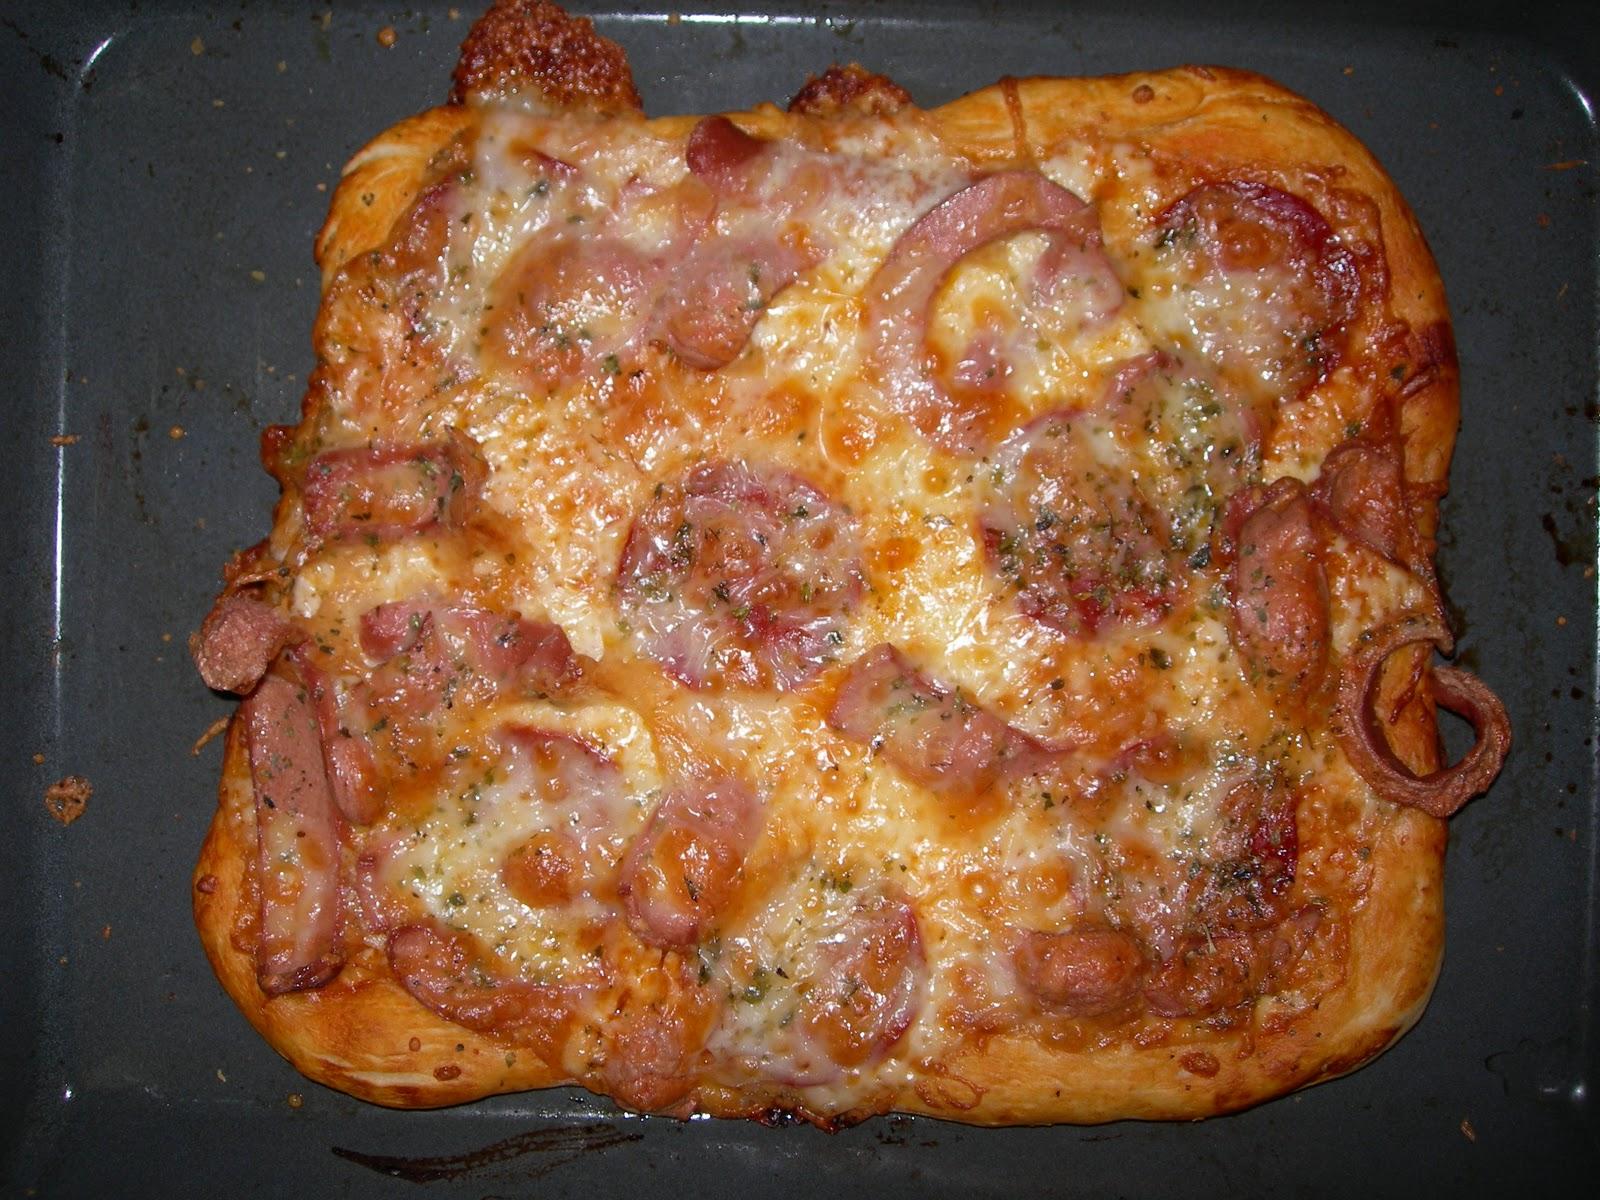 Pizza cocina receta comer